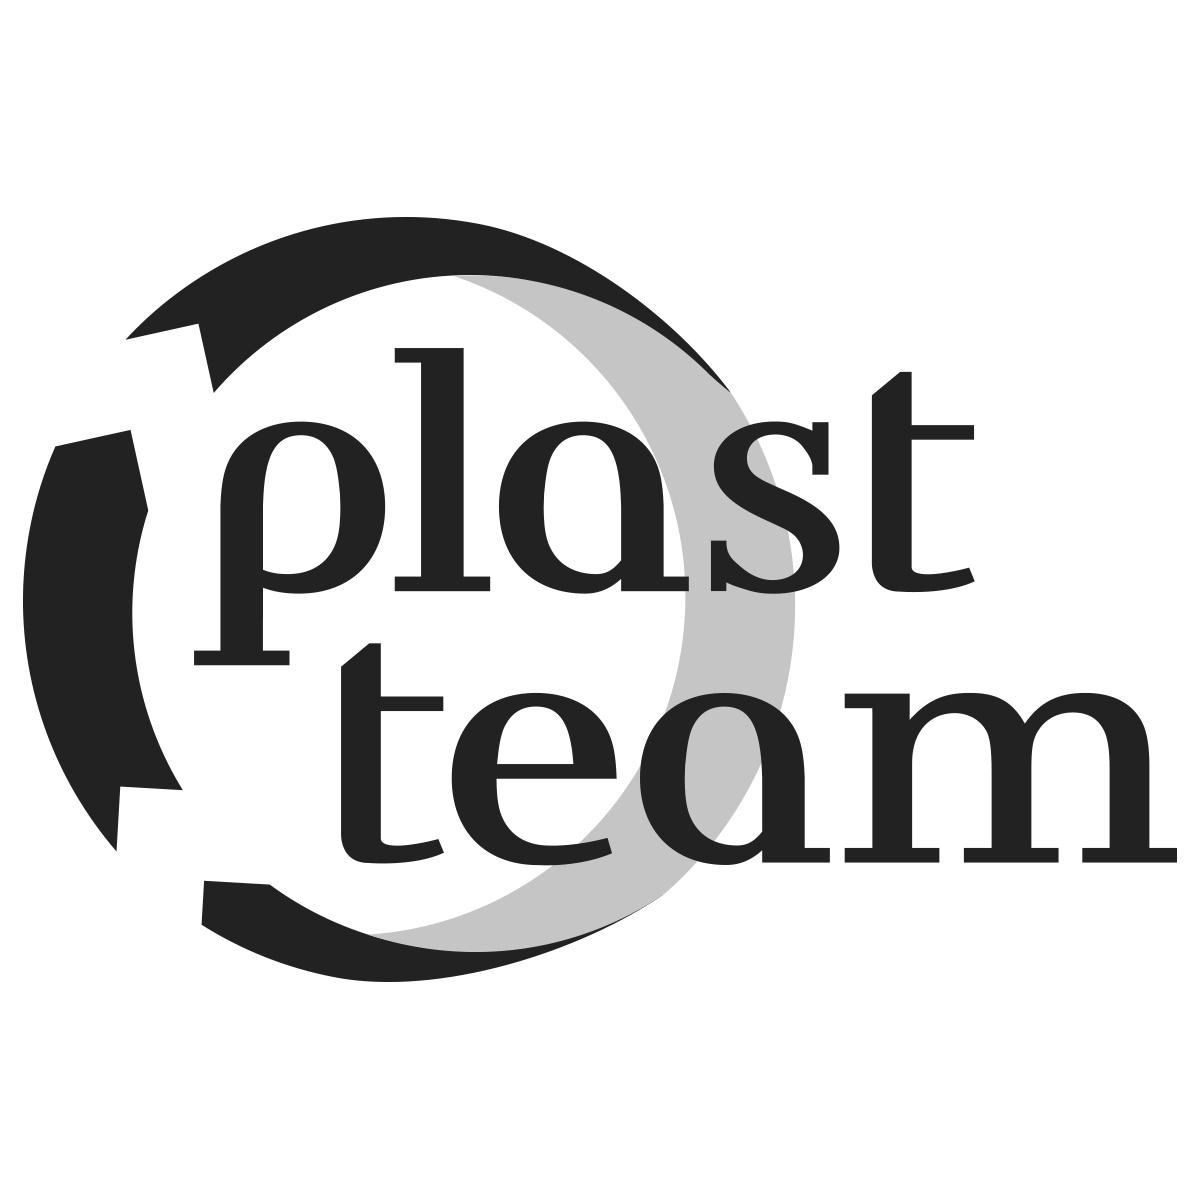 Plast team